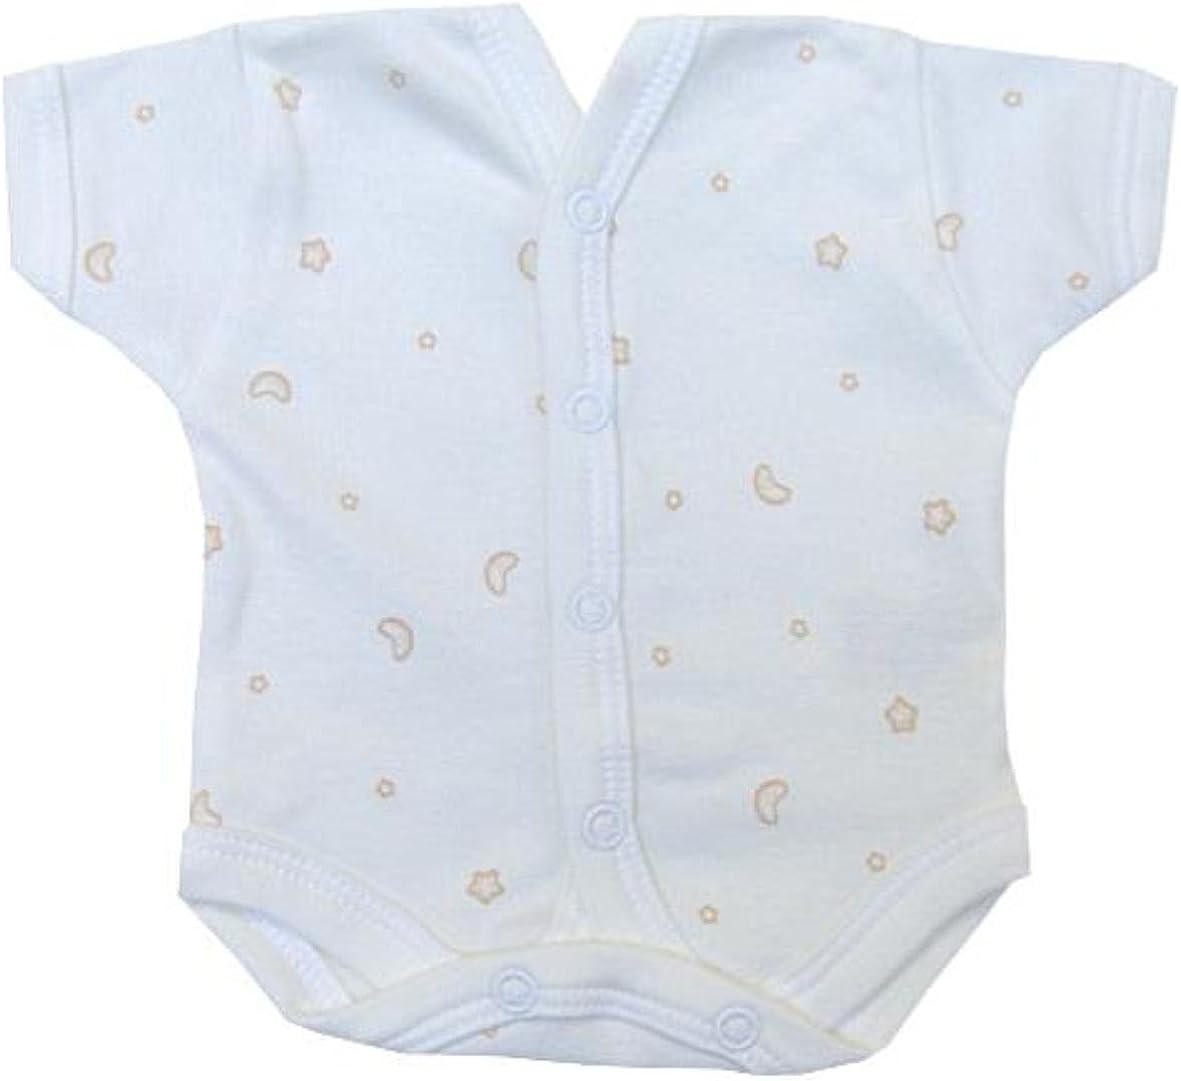 BabyPrem B/éb/é N/éonatale Pr/écoce Fille Body 0-3,4 kg